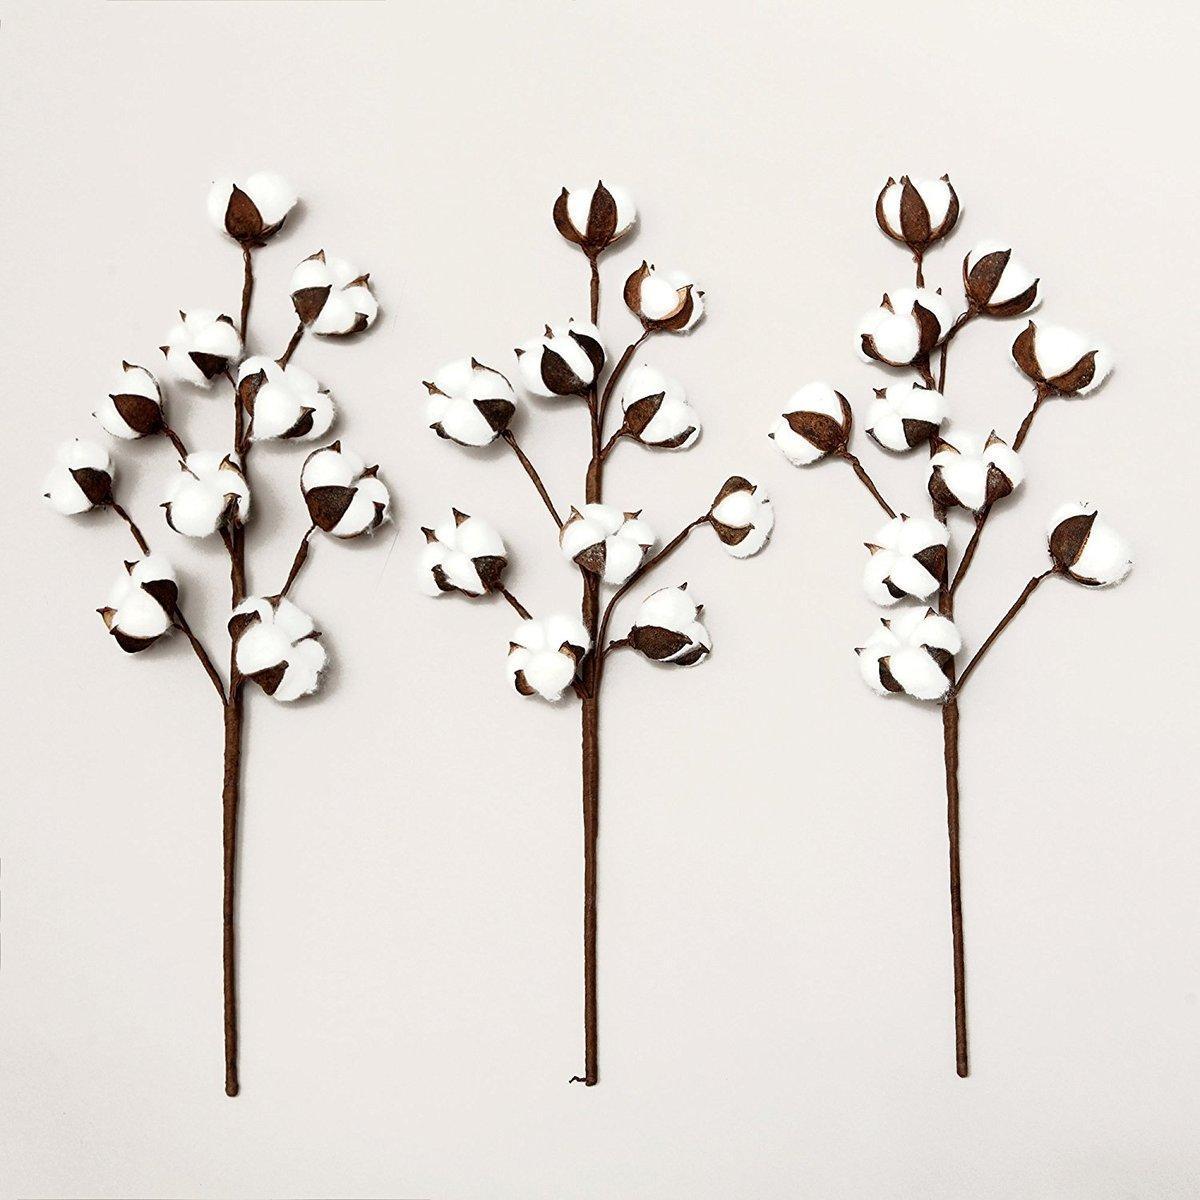 Branche Fleur De Coton acheter / artificielle fleur de coton unique branche 10 pétales 52cm  simulation fleur diy décoration de mariage pour la maison parti bureau  c18112601